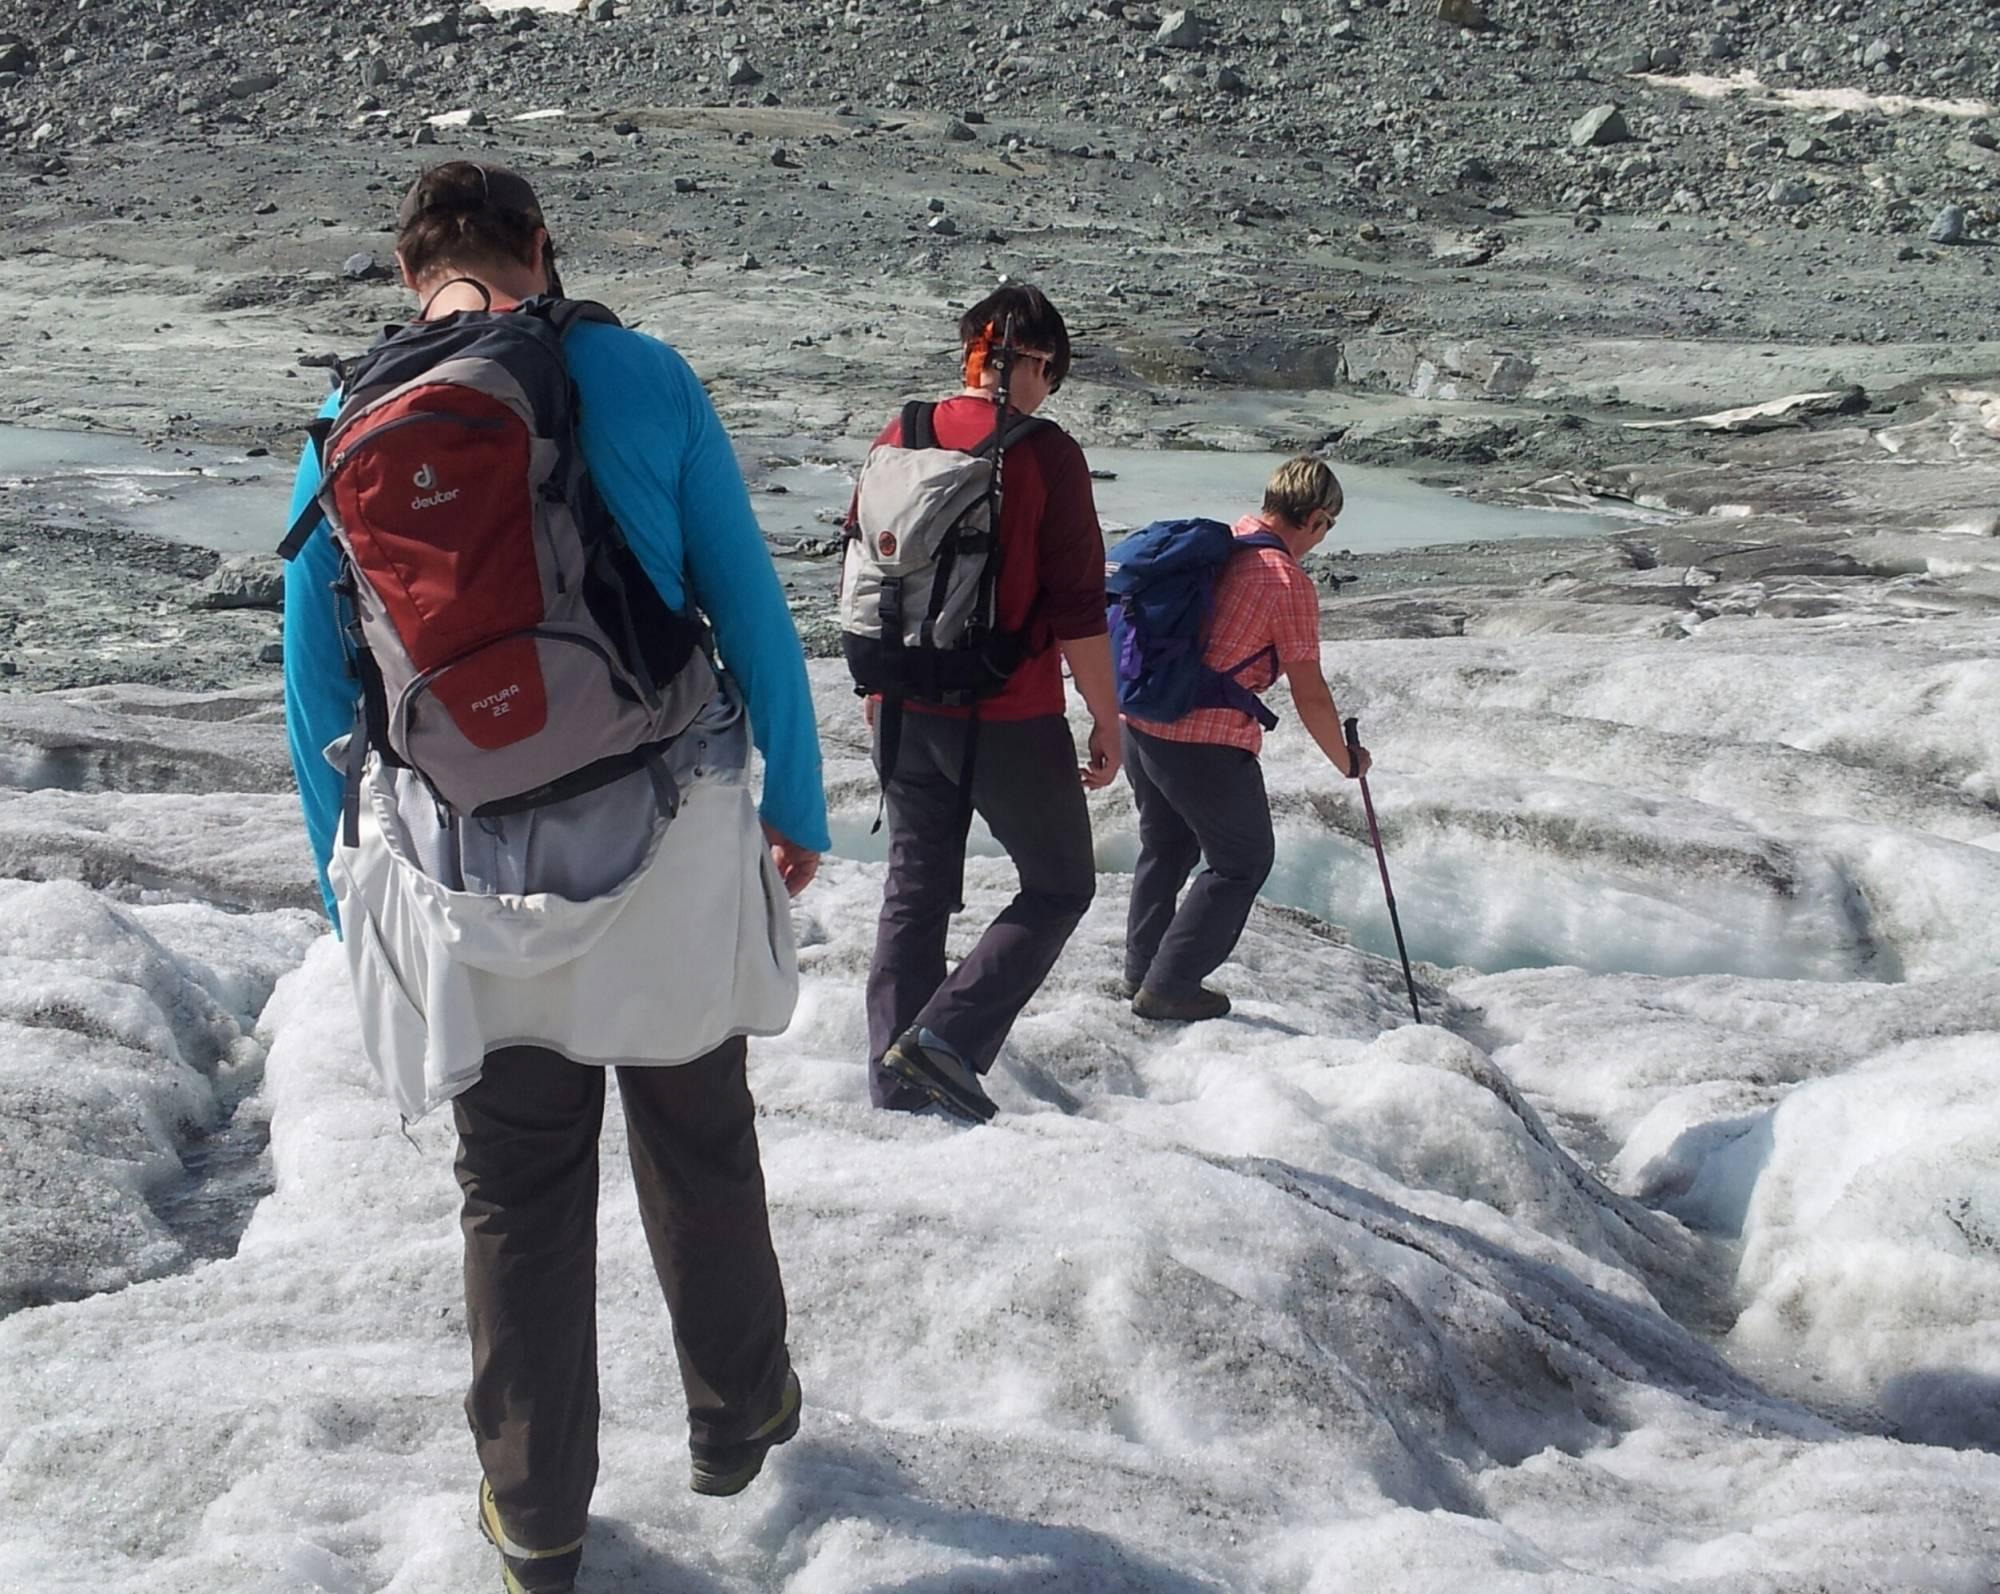 Klettergurt Für Gletscher : Gletscher safari sommer gletschertrekking saas fee guides